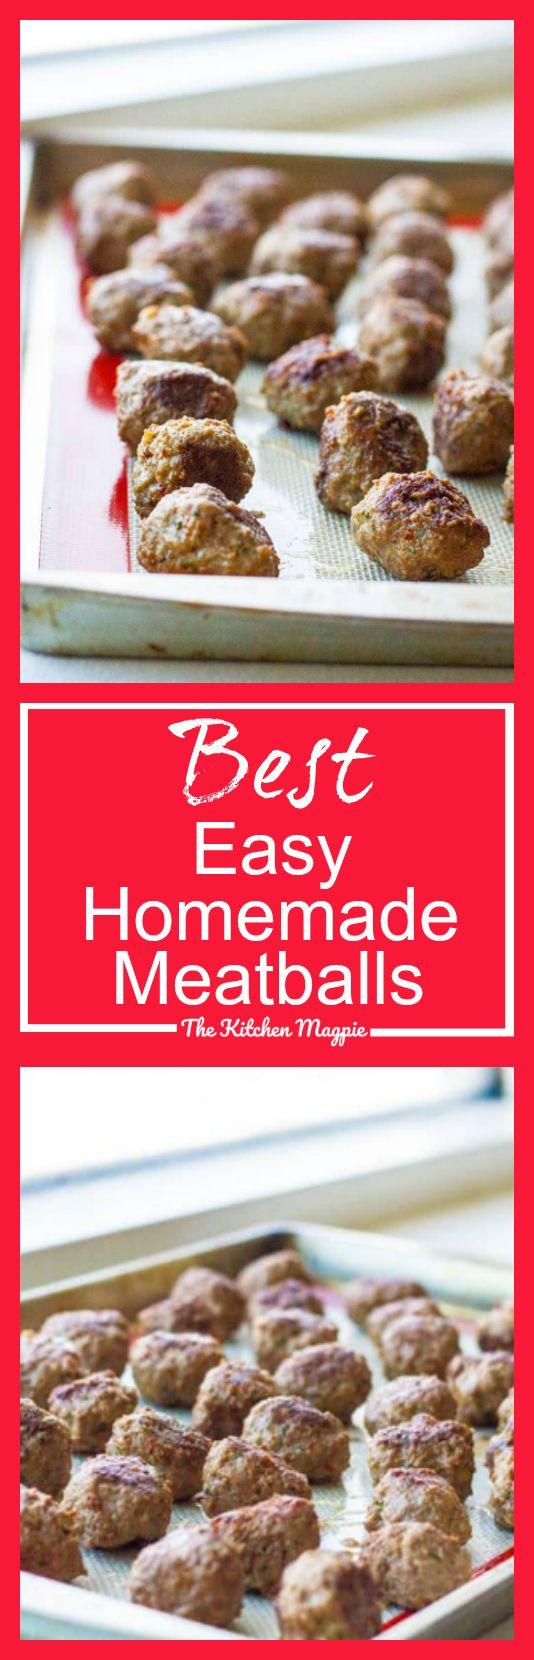 Best Easy Homemade Meatballs